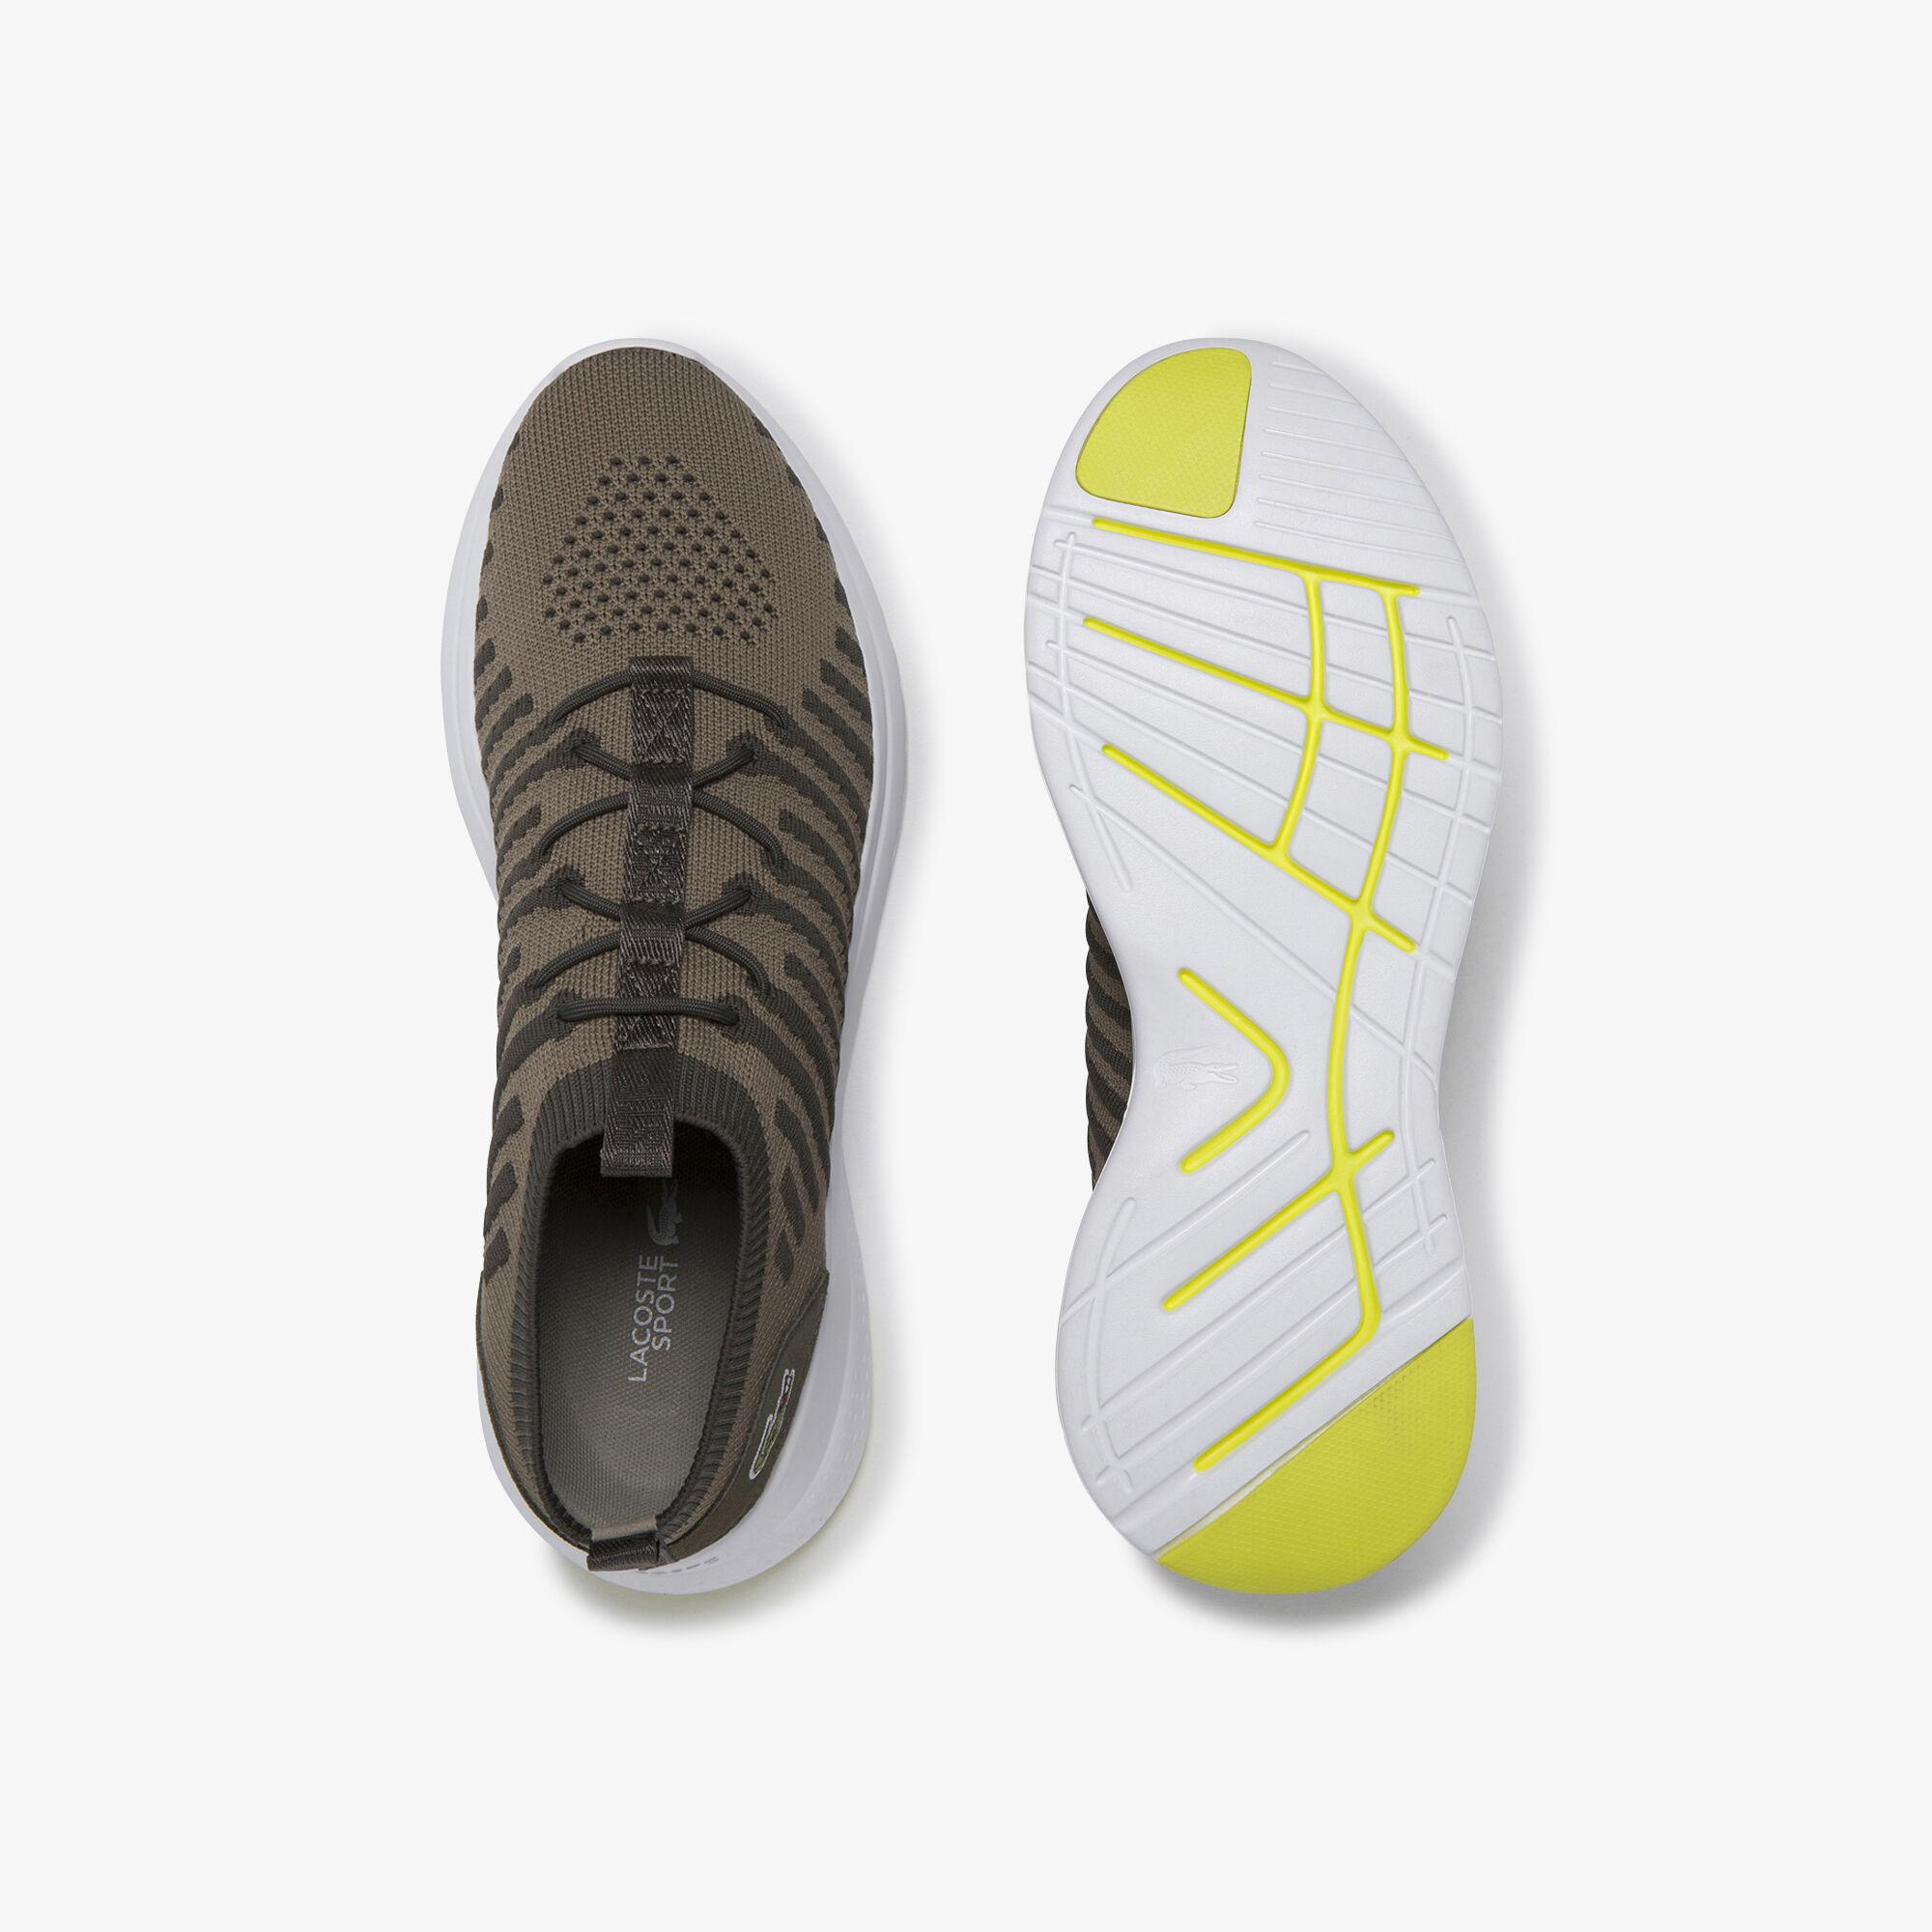 Men's LT Fit-Flex Colour-pop Textile and Suede Trainers